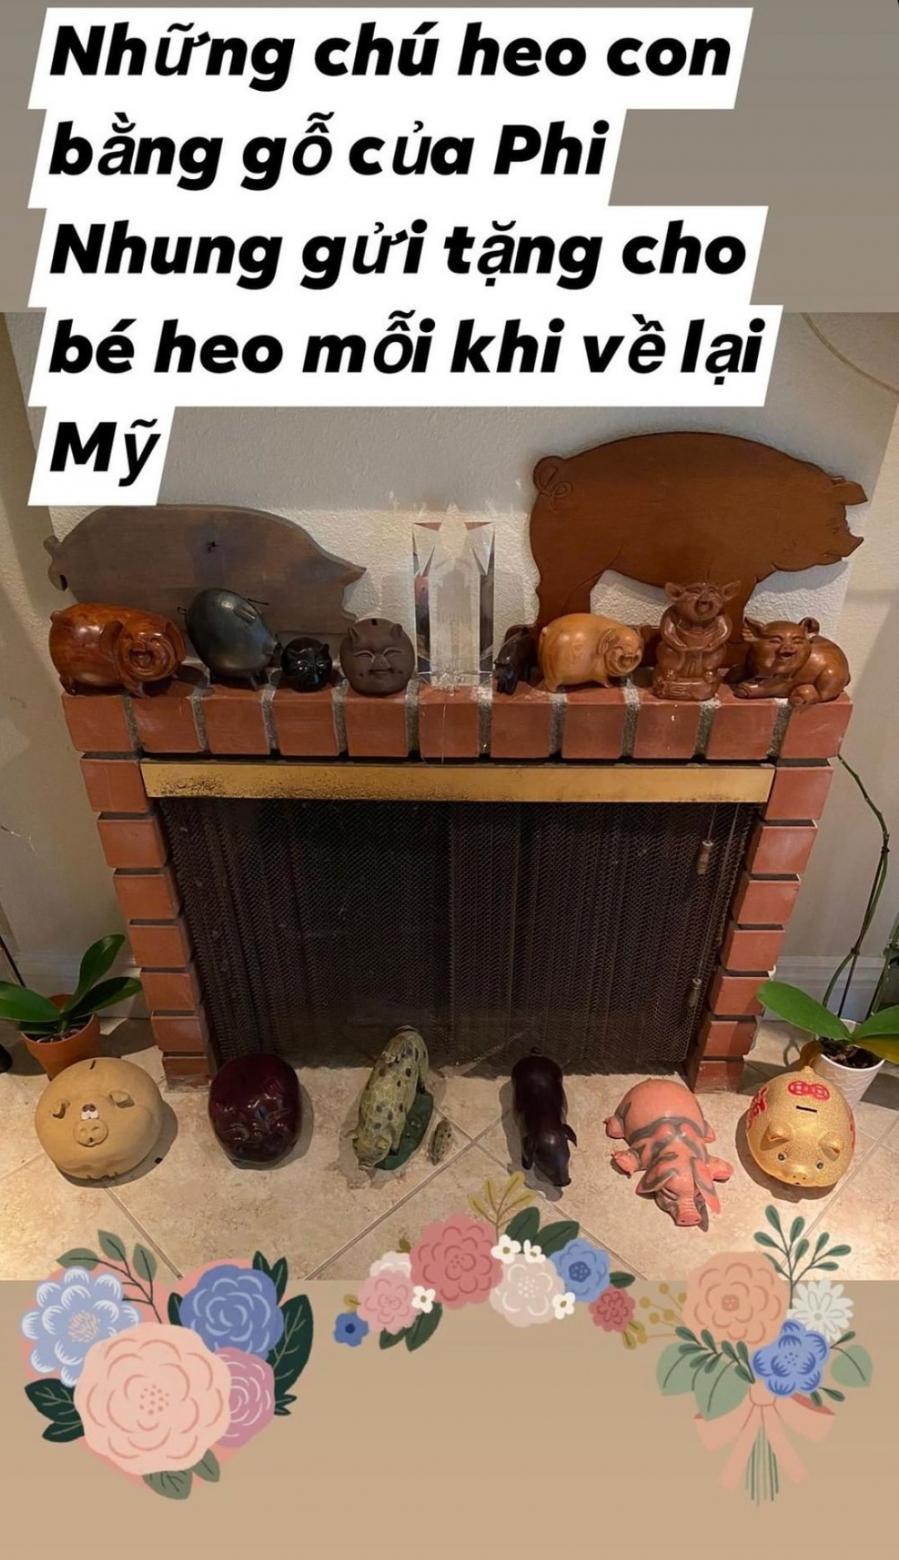 can-canh-nhung-mon-qua-phi-nhung-thuong-tang-vo-chi-tai-moi-khi-ve-my-35646b3f